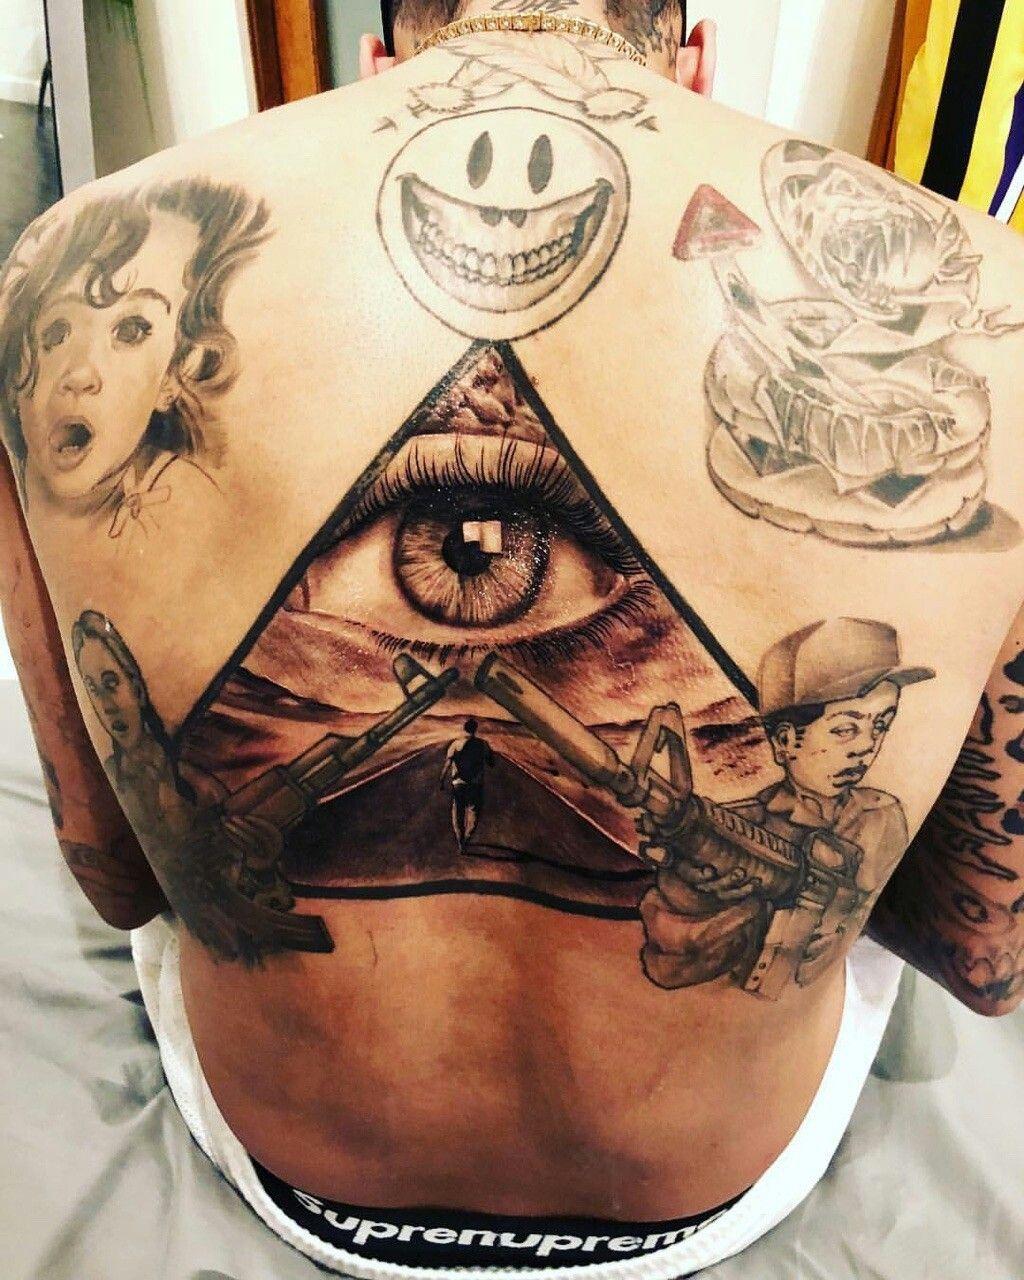 Chris Brown Chris brown tattoo, Chris brown chest tattoo